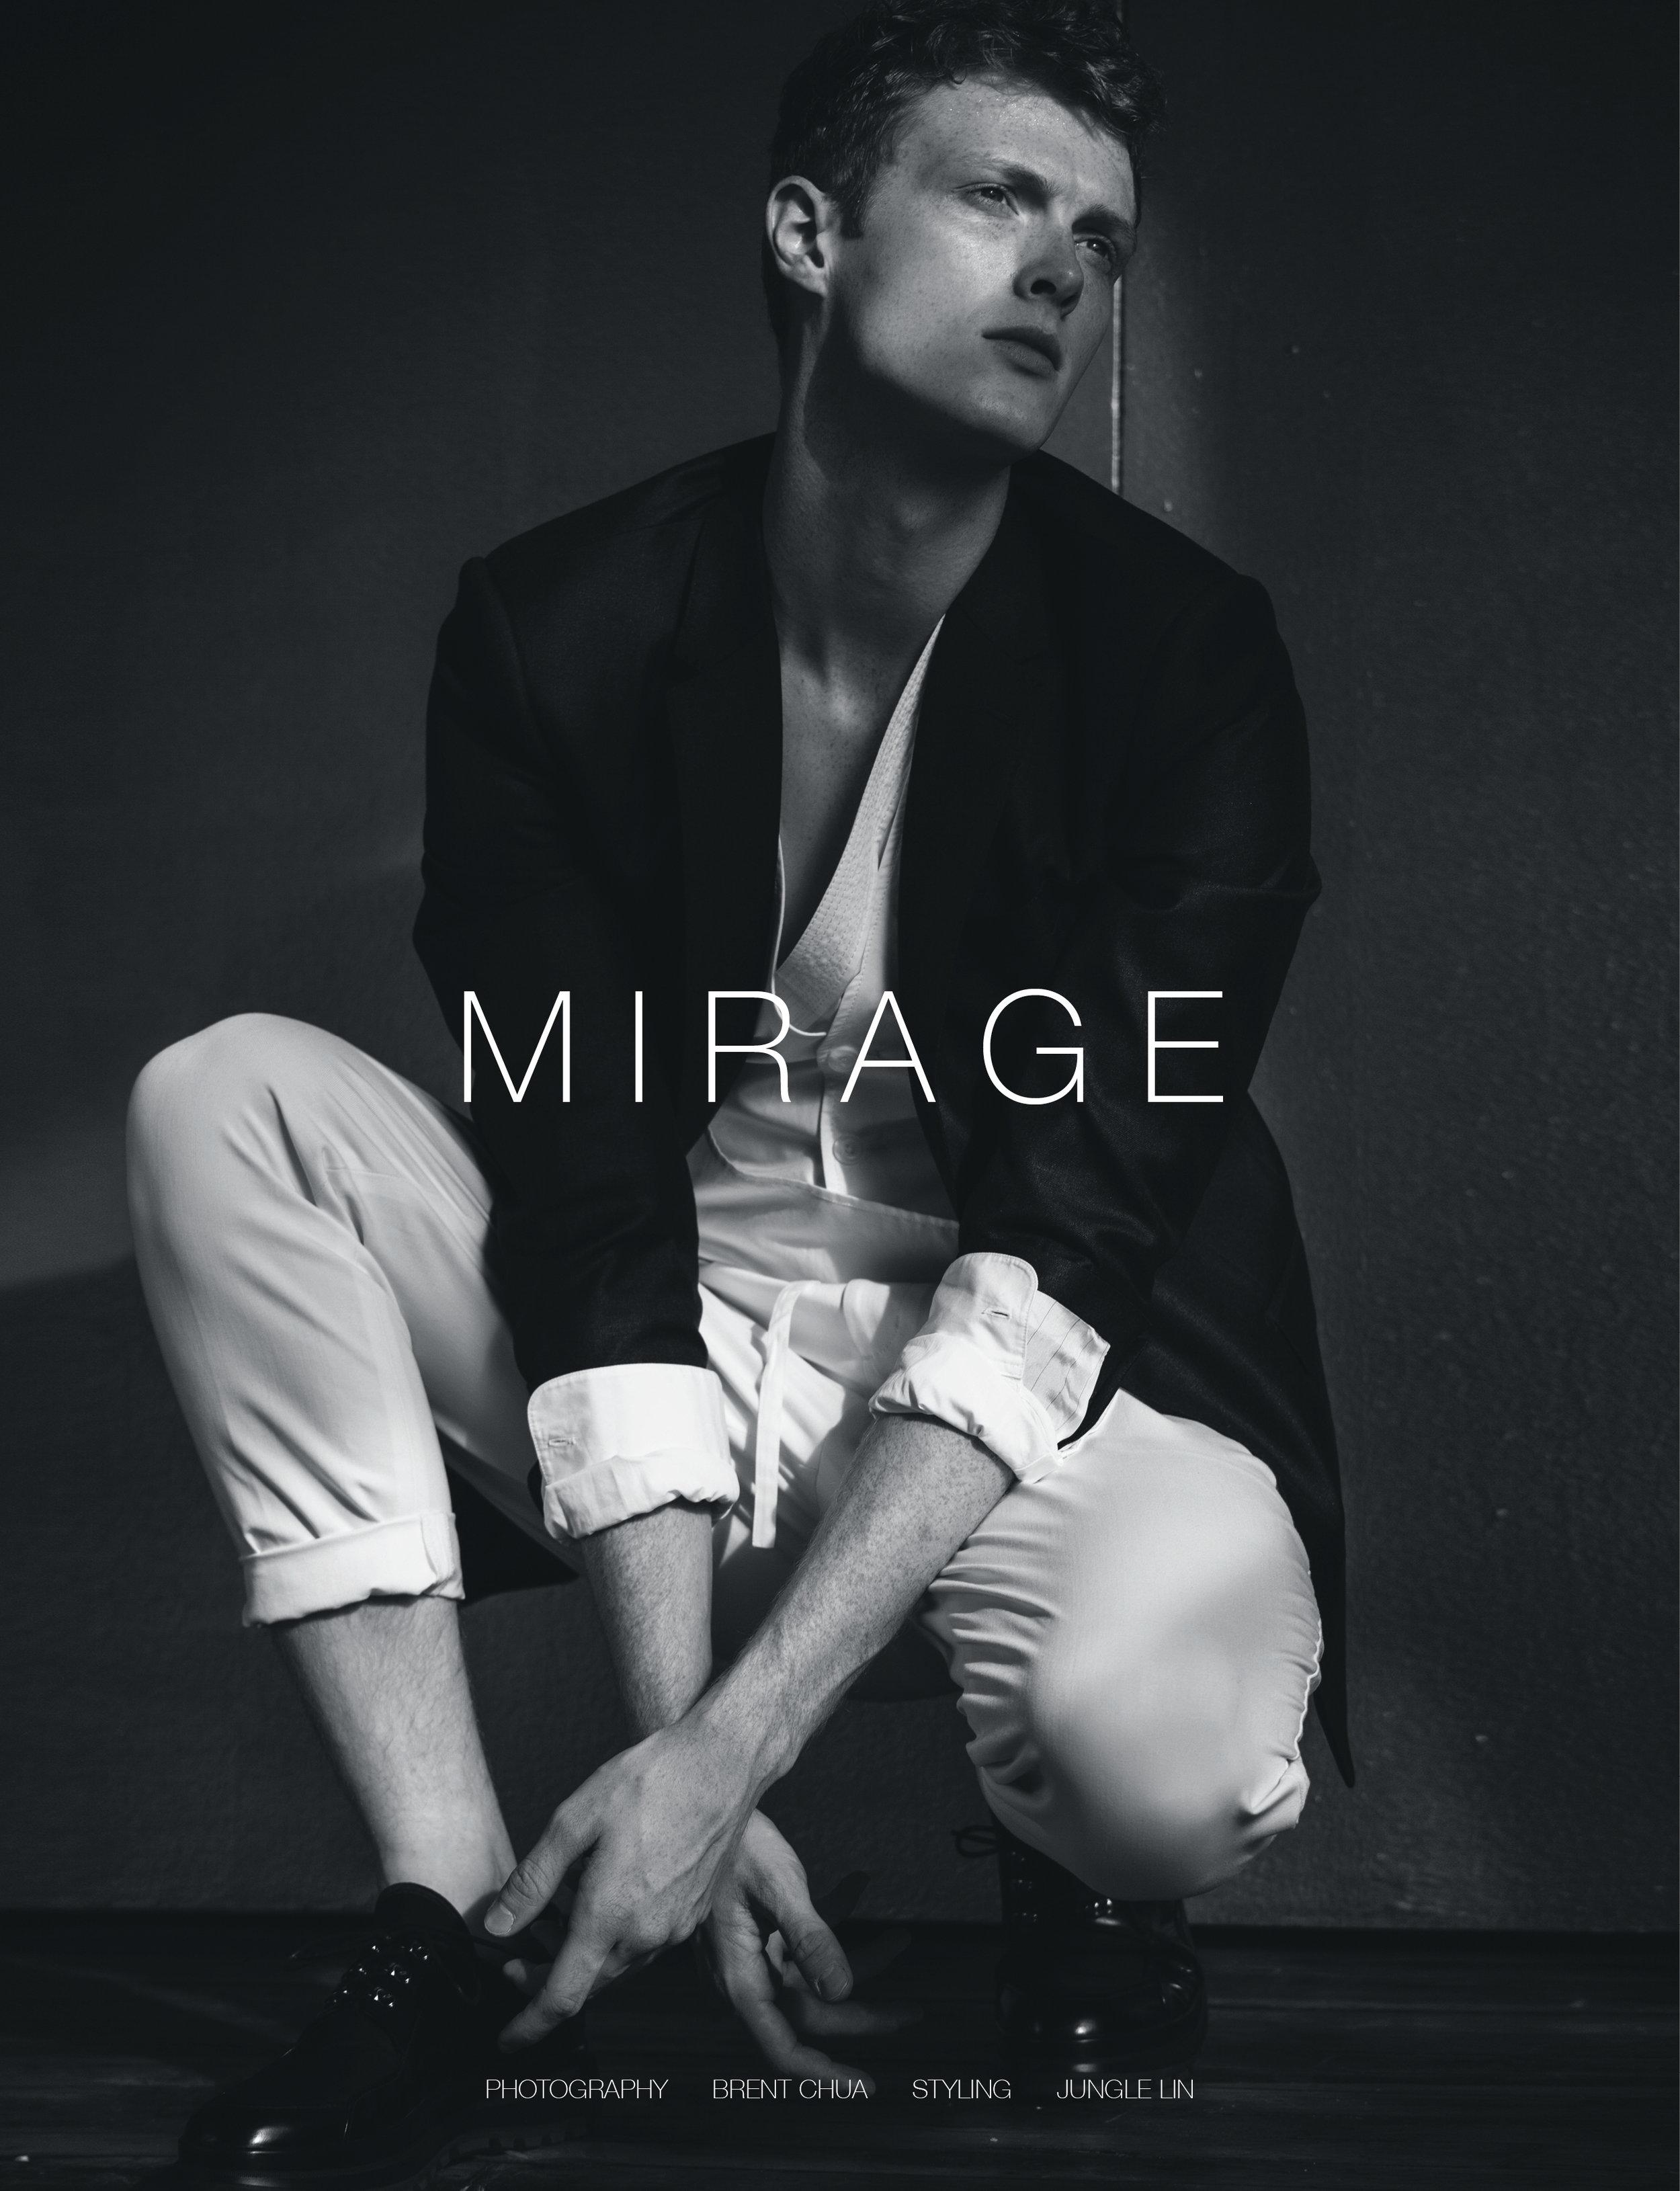 Mirage.jpg